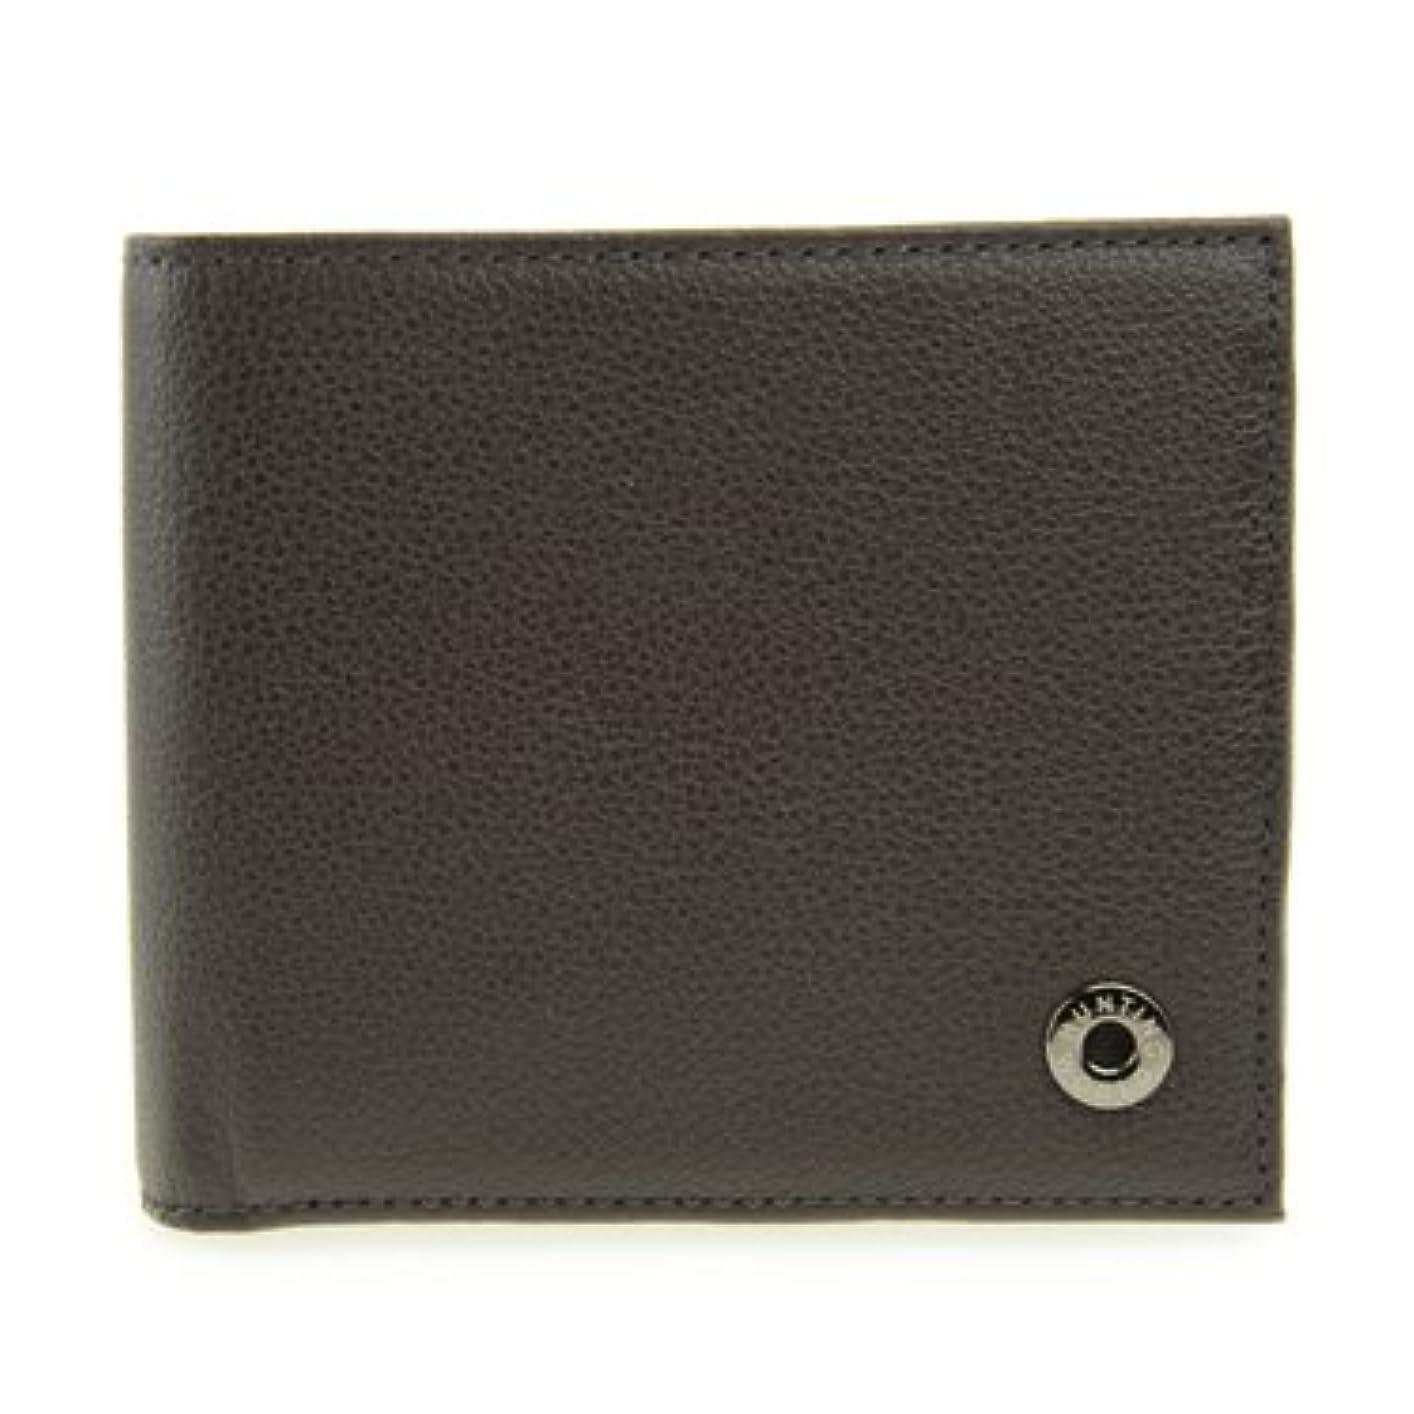 セールスマン不器用しょっぱい(ハンティング?ワールド) HUNTING WORLD 二つ折財布 #207 372 並行輸入品